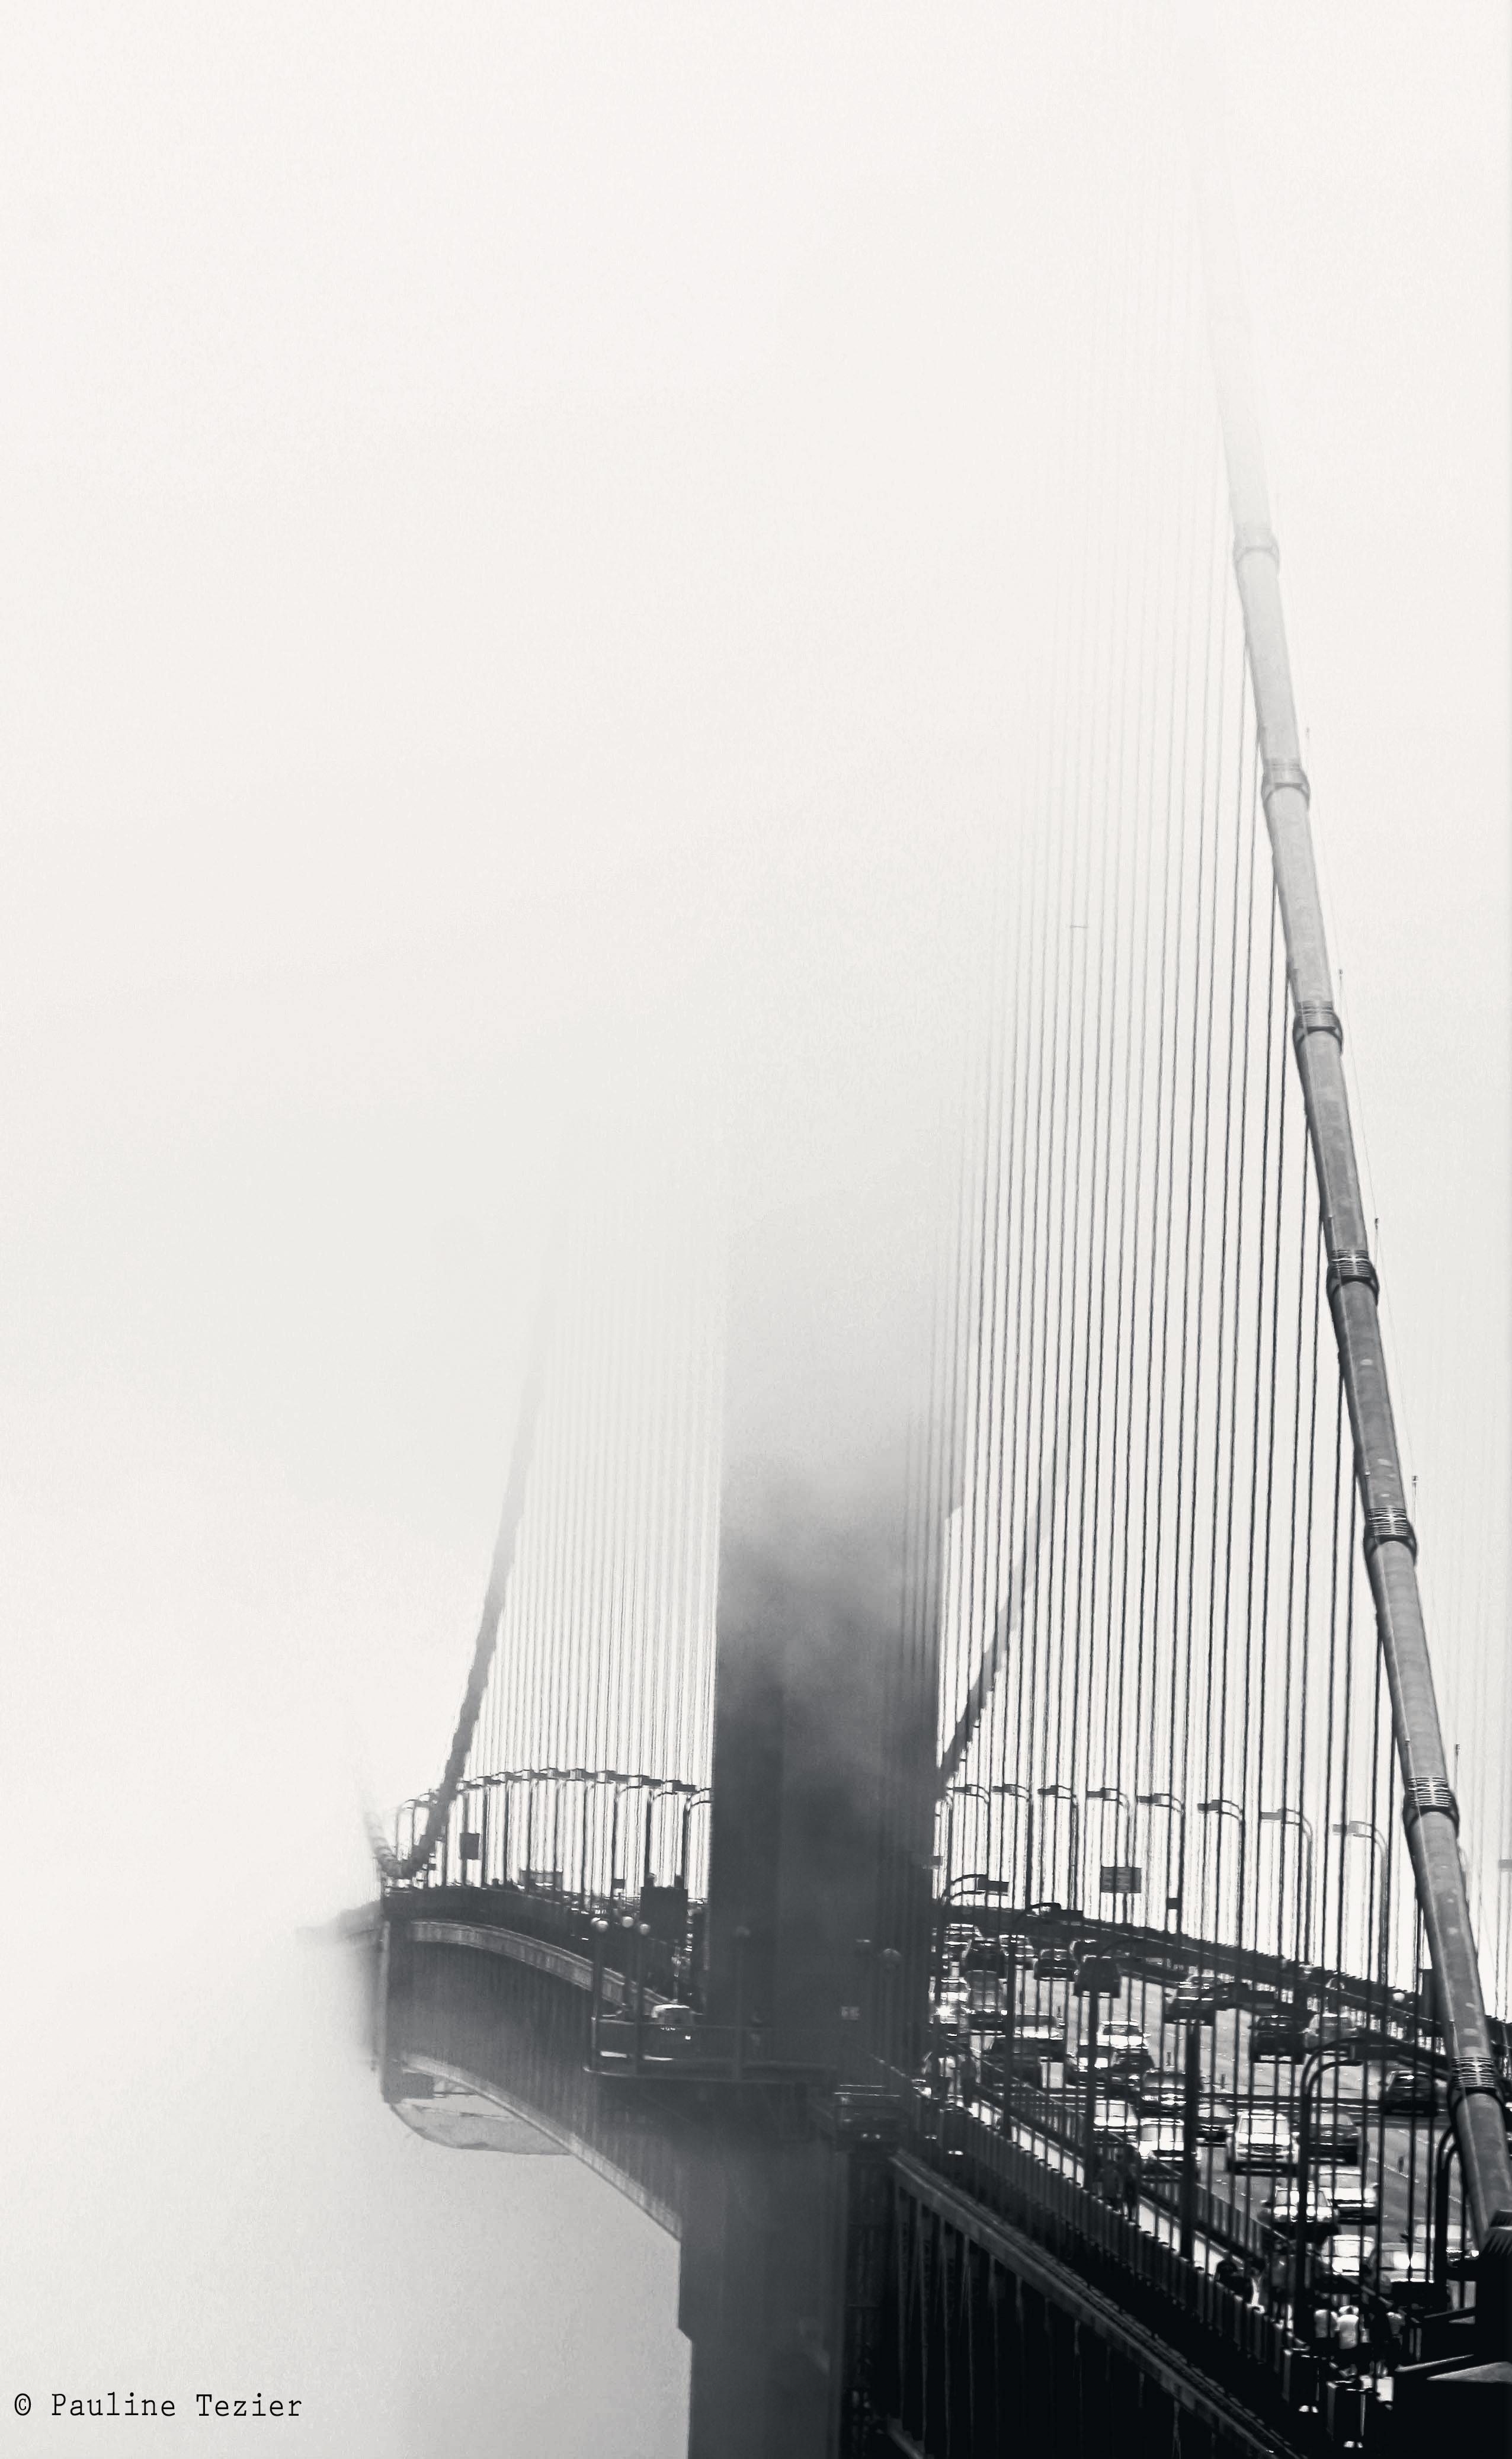 San Francisco | Pauline Tezier